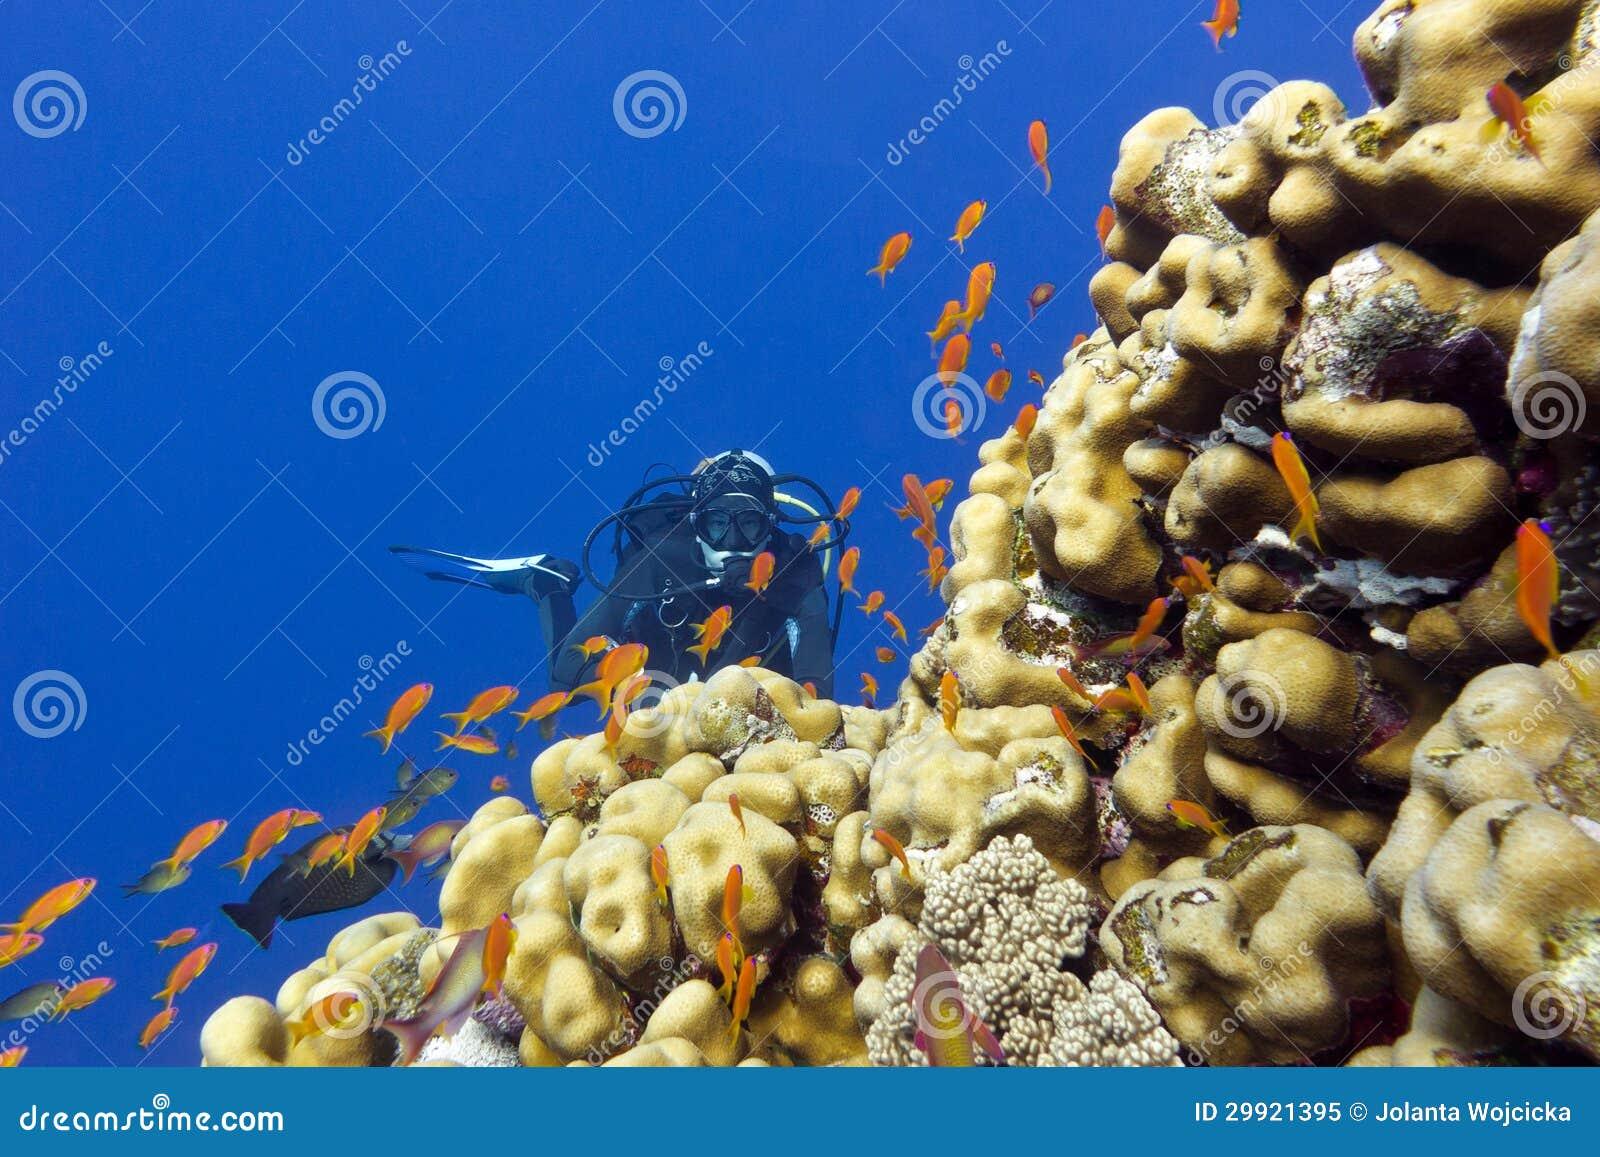 Koraalrif met poriteskoralen, exotische vissenanthias en meisjesduiker bij de bodem van tropische overzees